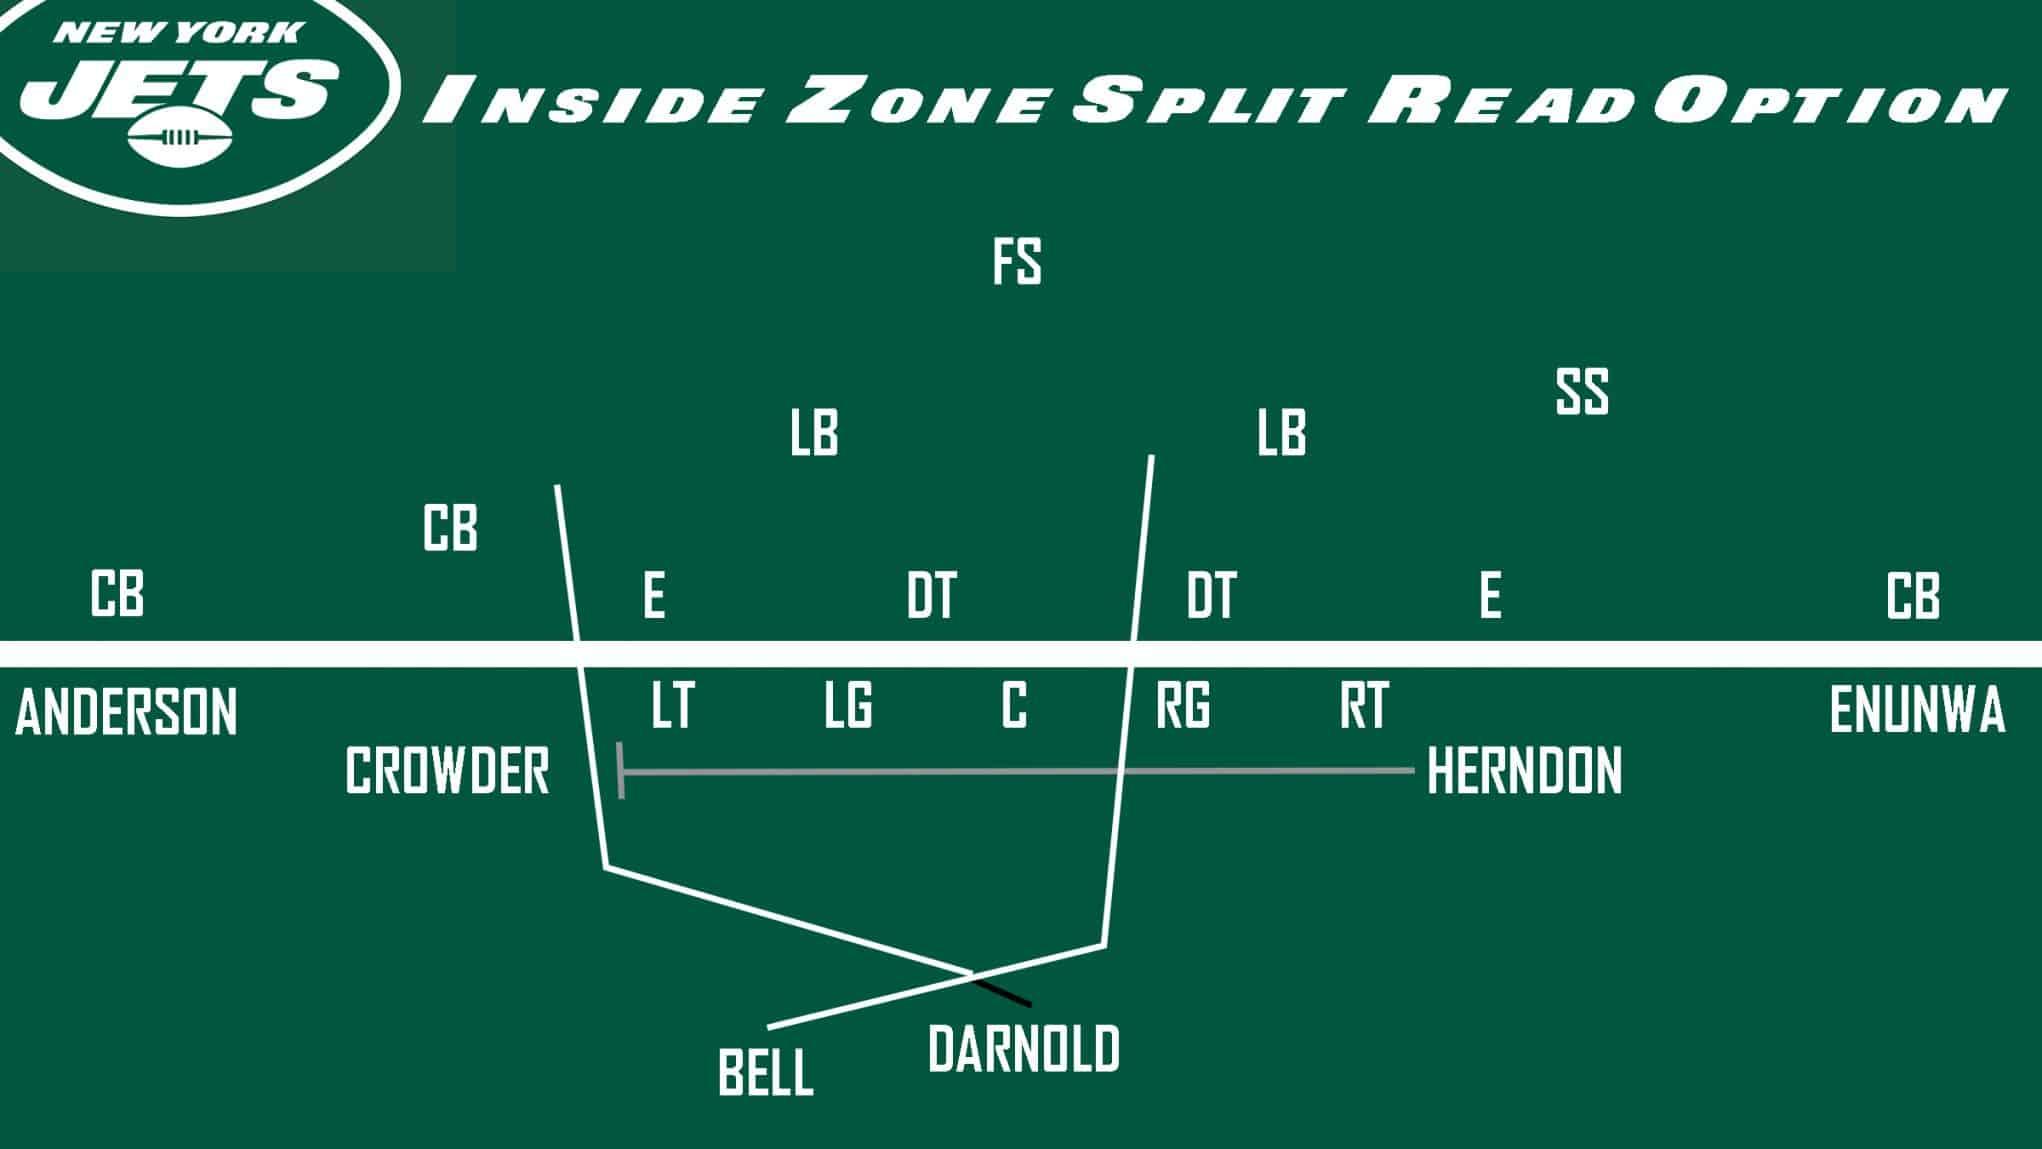 Jets Inside Zone Split Read Option